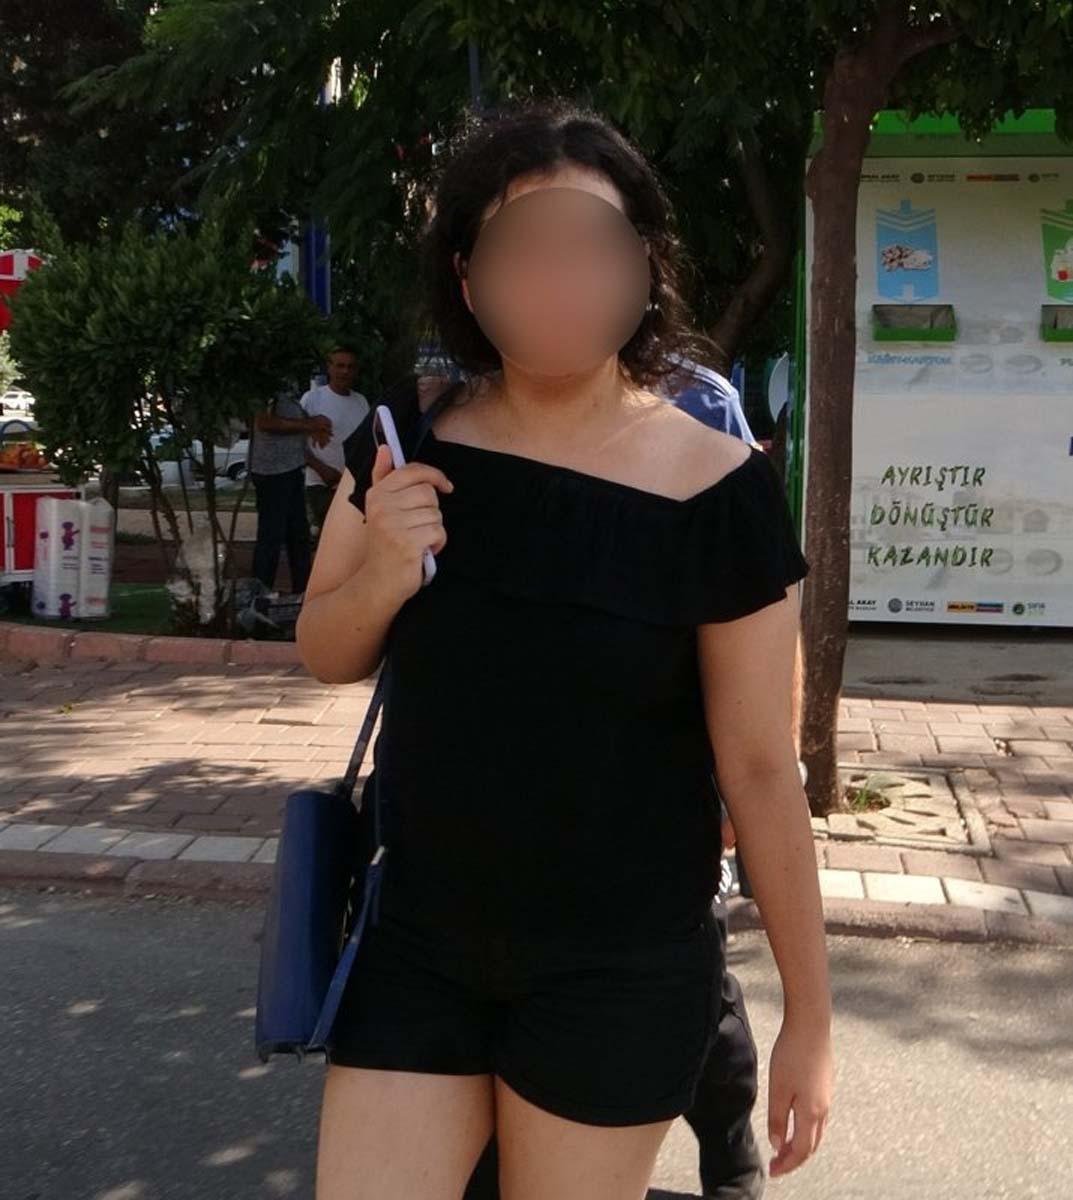 Üniversite vaadiyle kandırılan genç kız dehşeti yaşadı! Şiddet maruz kaldı, tecavüze uğradı